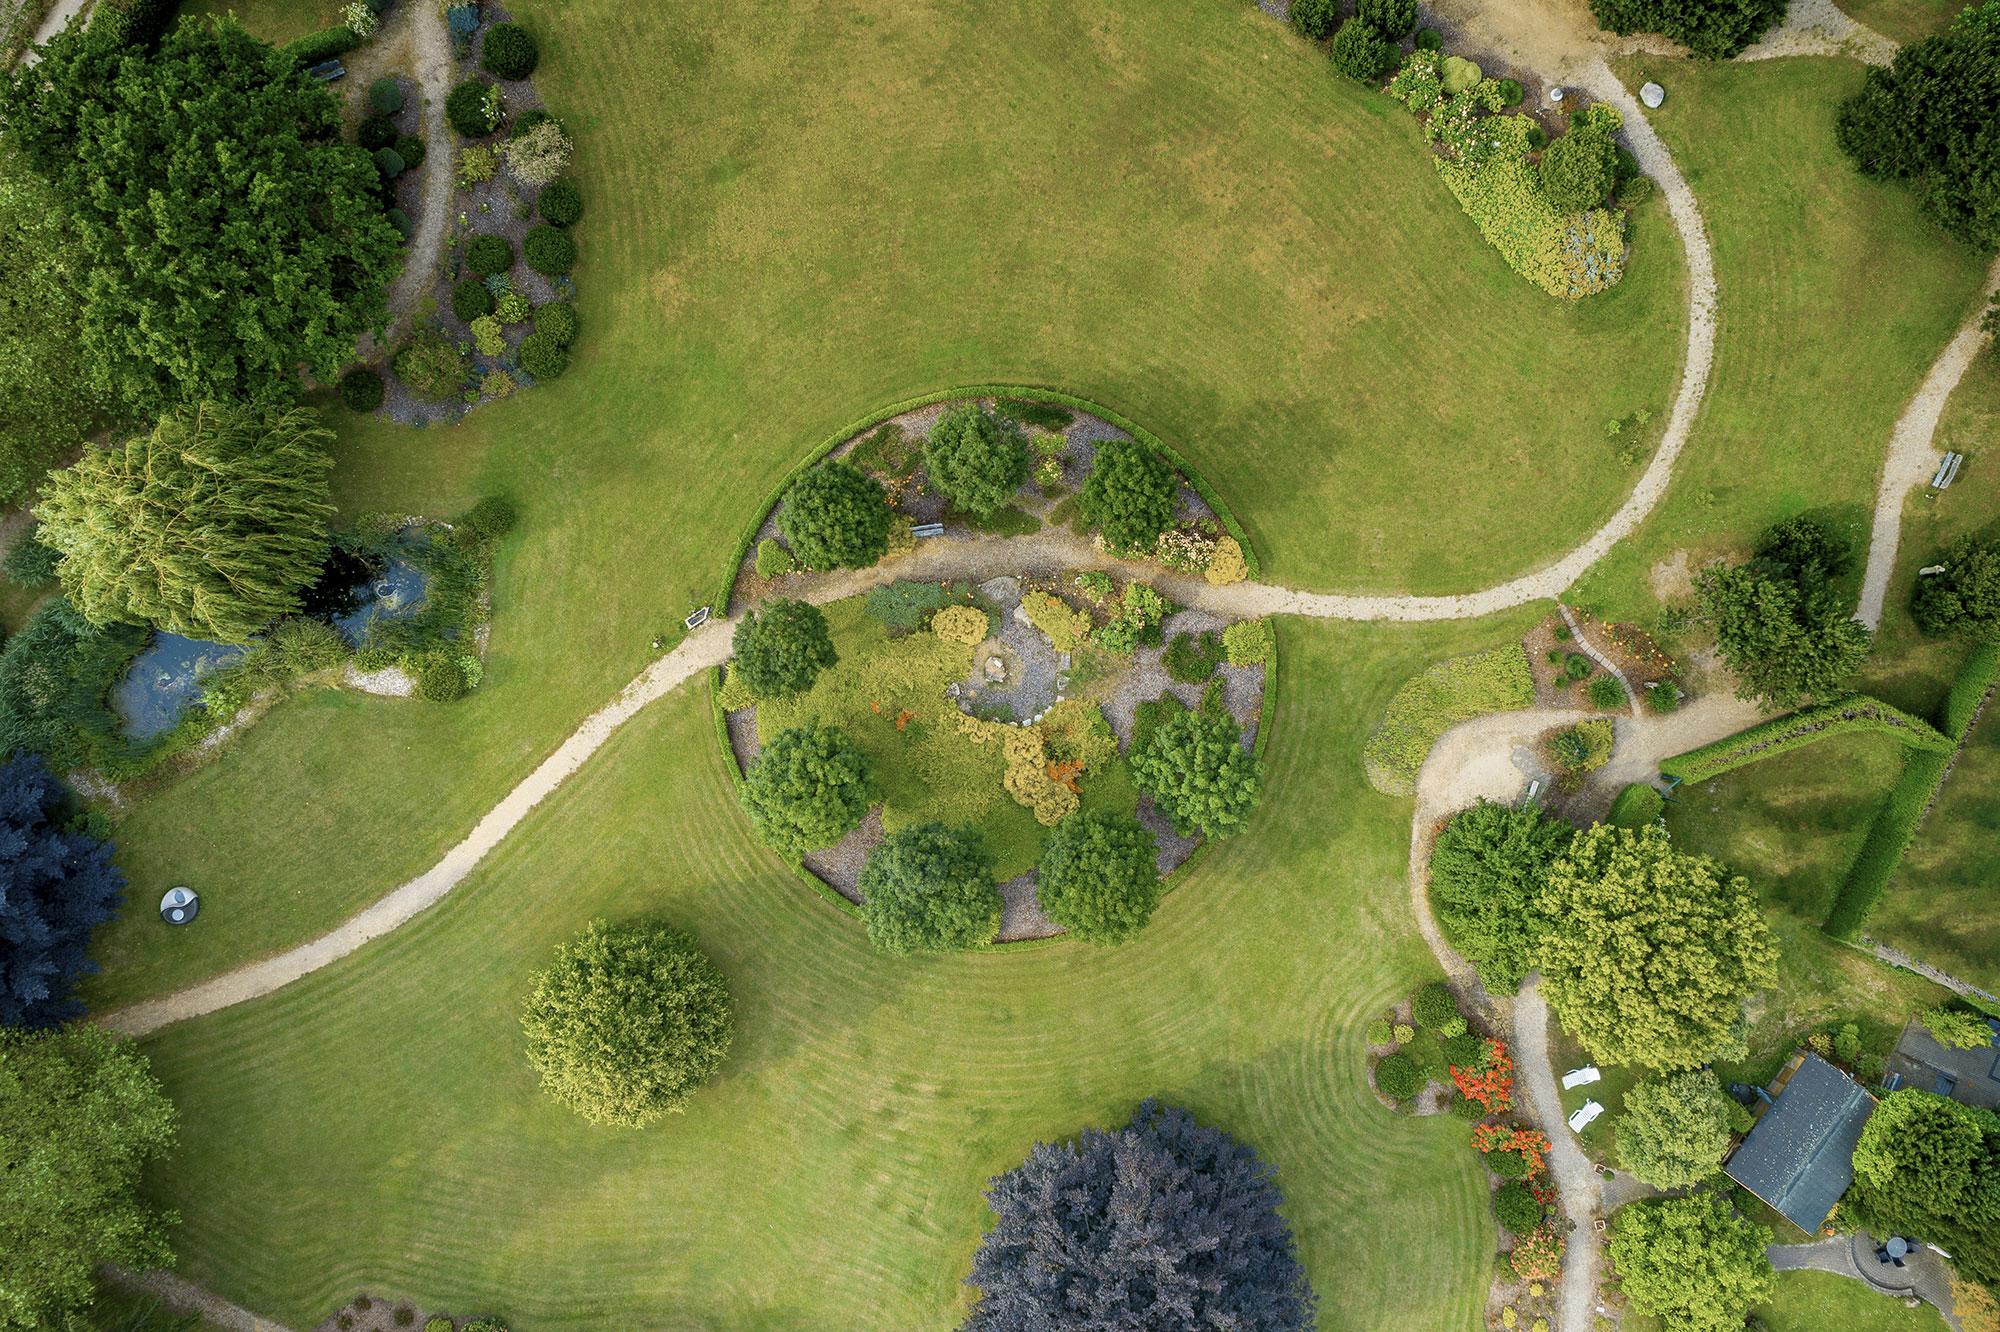 Fotografie |Luftaufnahme mit Drohne